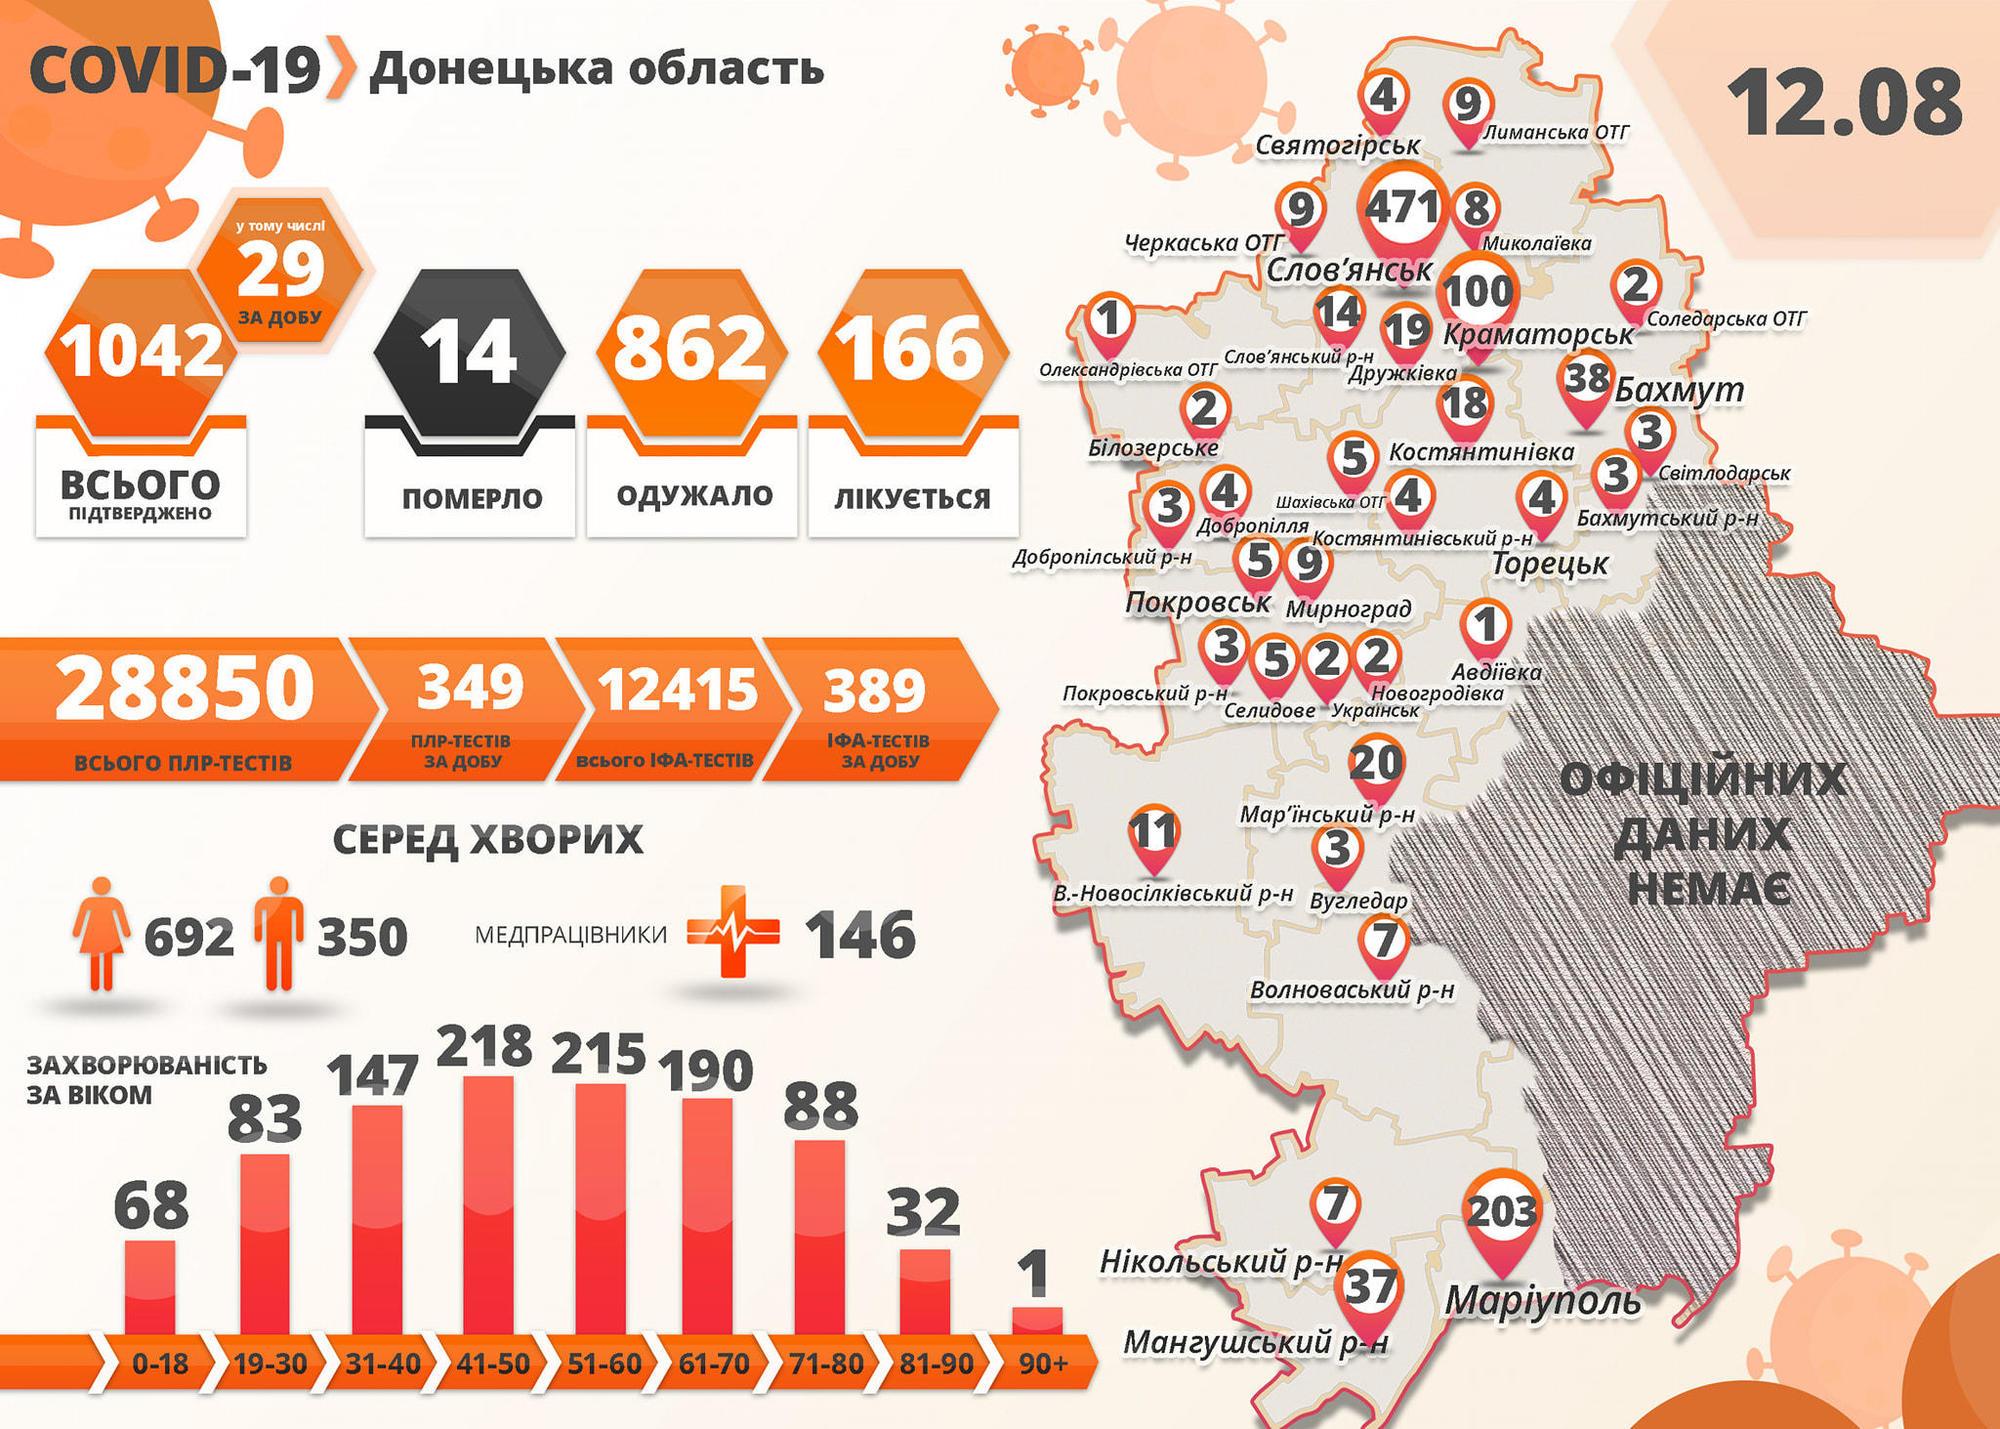 В Донецкой области умер еще один человек с COVID-19